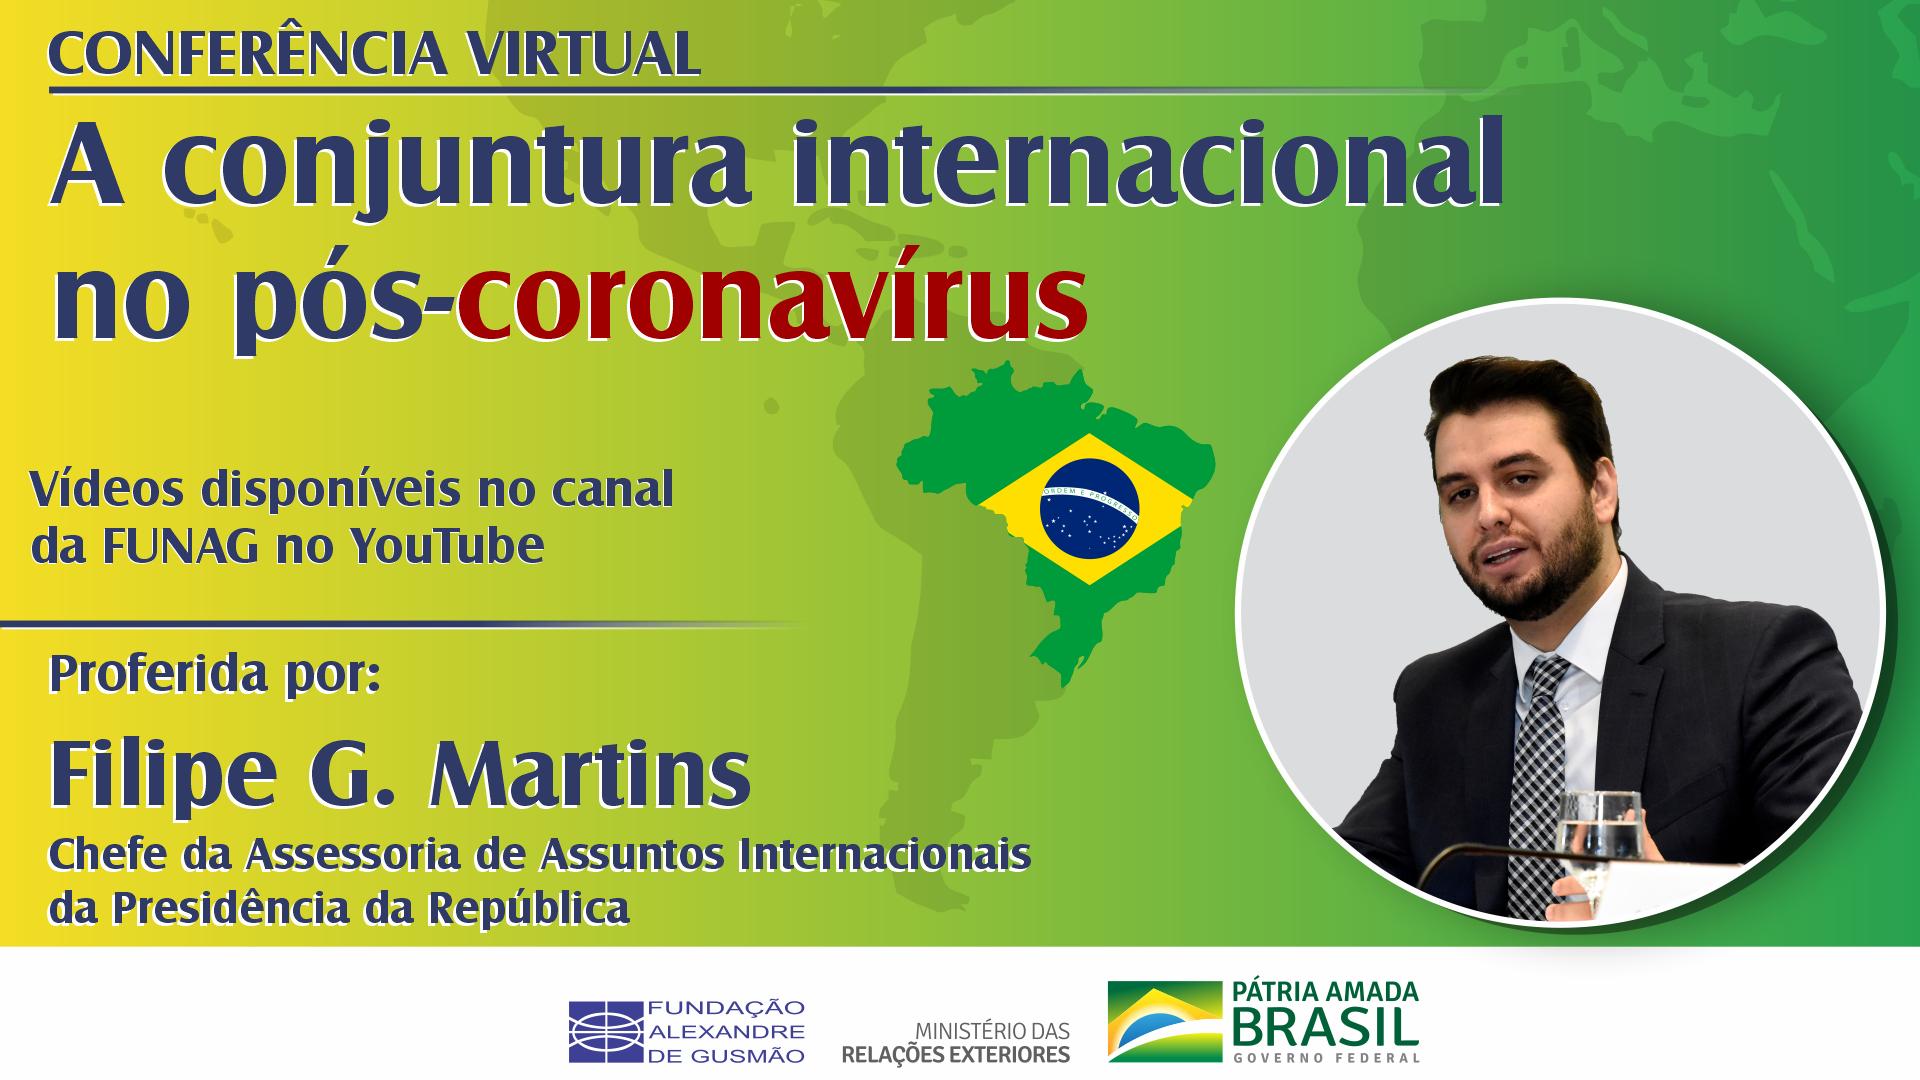 Assista aos vídeos da conferência com Filipe G. Martins, chefe da Assessoria Especial de Assuntos Internacionais da Presidência da República